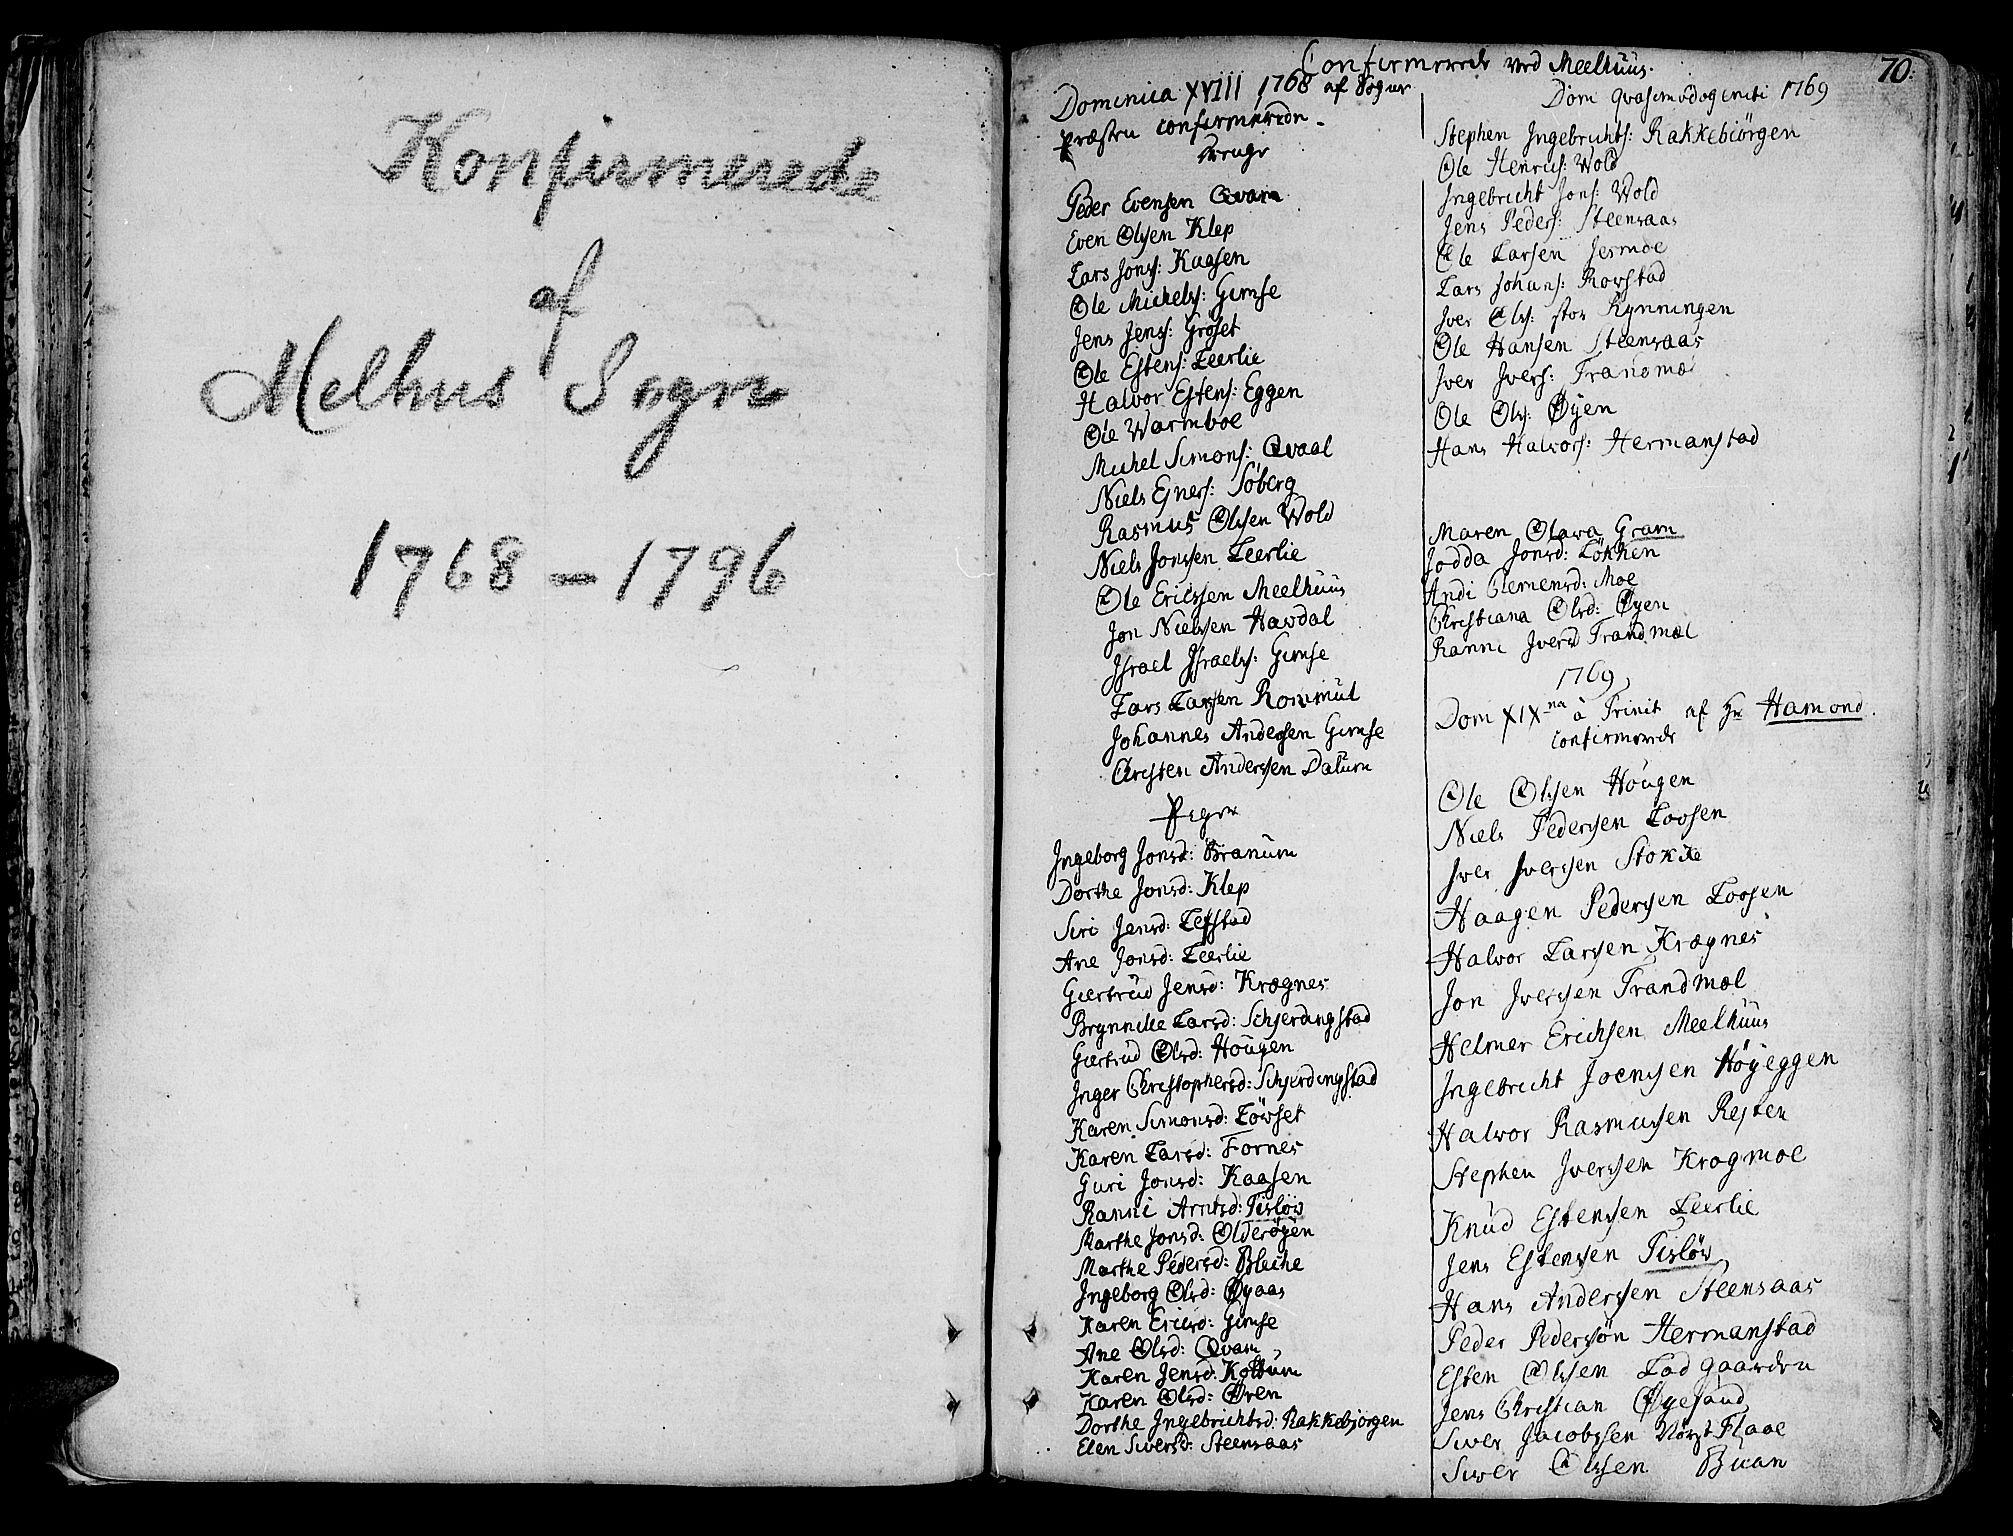 SAT, Ministerialprotokoller, klokkerbøker og fødselsregistre - Sør-Trøndelag, 691/L1061: Ministerialbok nr. 691A02 /1, 1768-1815, s. 70